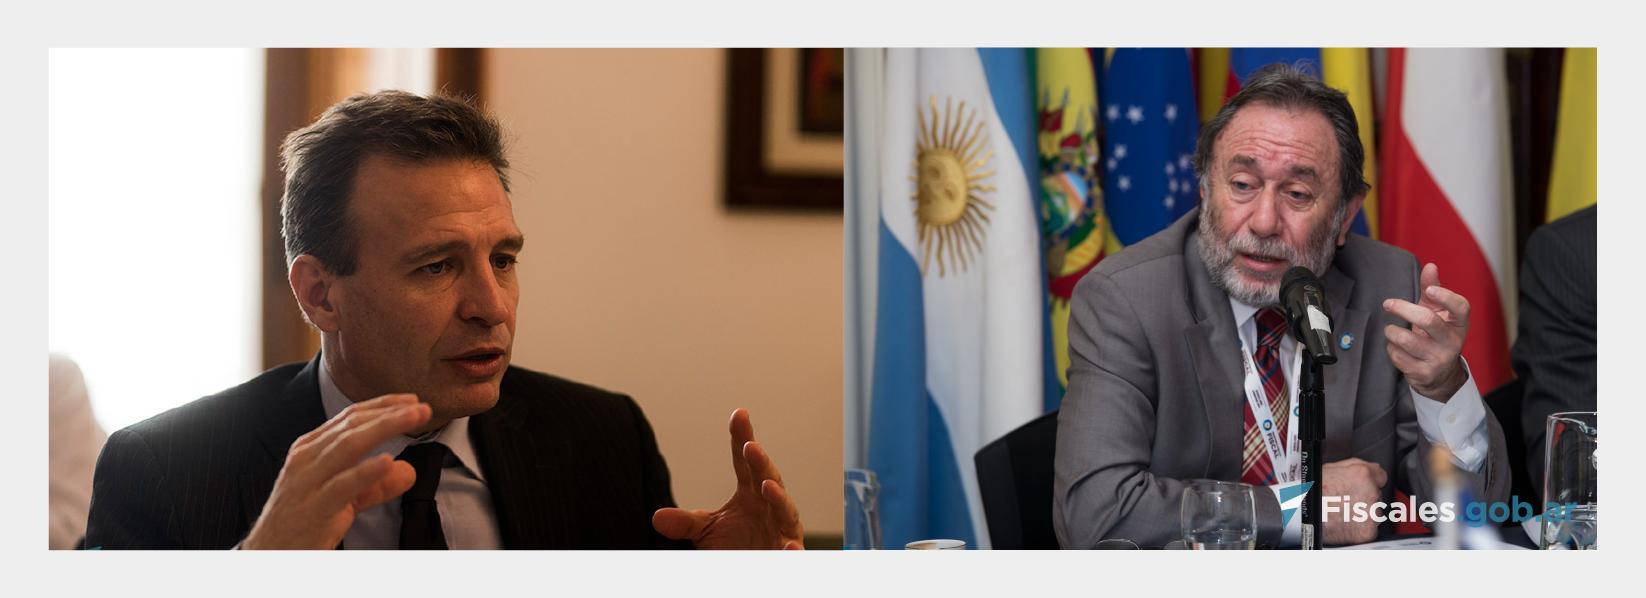 Los fiscales Dante Vega y Jorge Auat analizaron el resultado del histórico juicio que comenzó el 17 de febrero de 2014 y culminó el 26 de julio de 2017. -